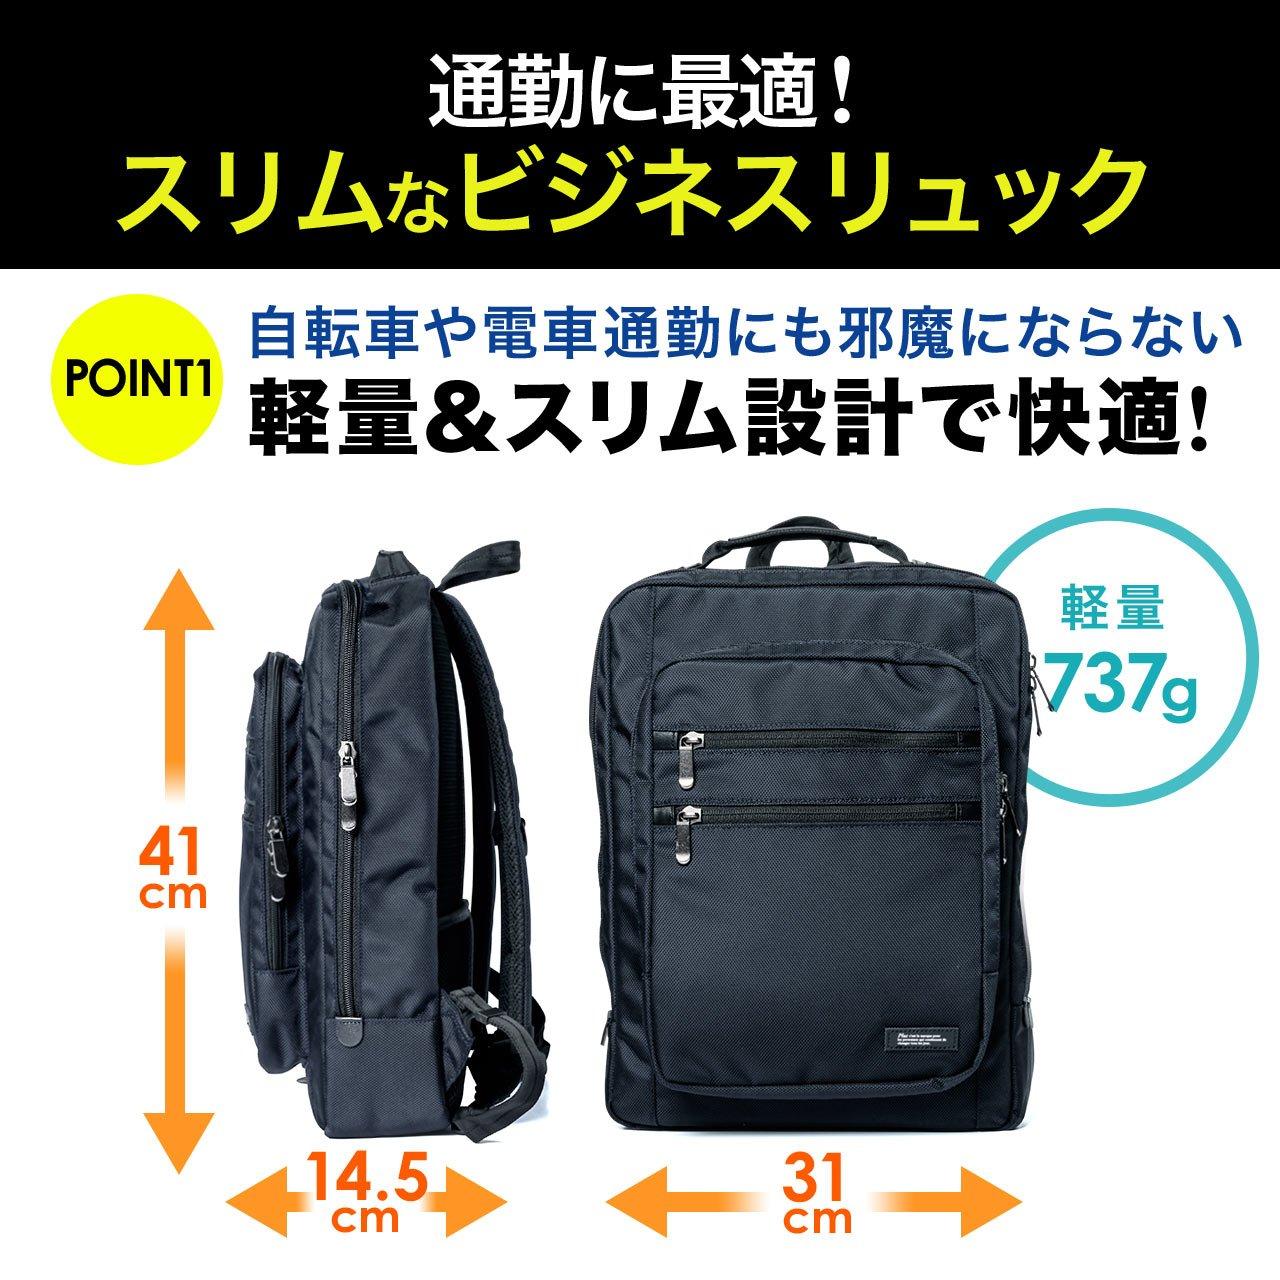 c76f6fedffae Amazon.co.jp: サンワダイレクト ビジネスリュック 薄型 軽量 12ポケット 15.6型ワイドPC 収納 14リットル 反射材付き  ネイビー 200-BAGBP015NV: パソコン・周辺機器